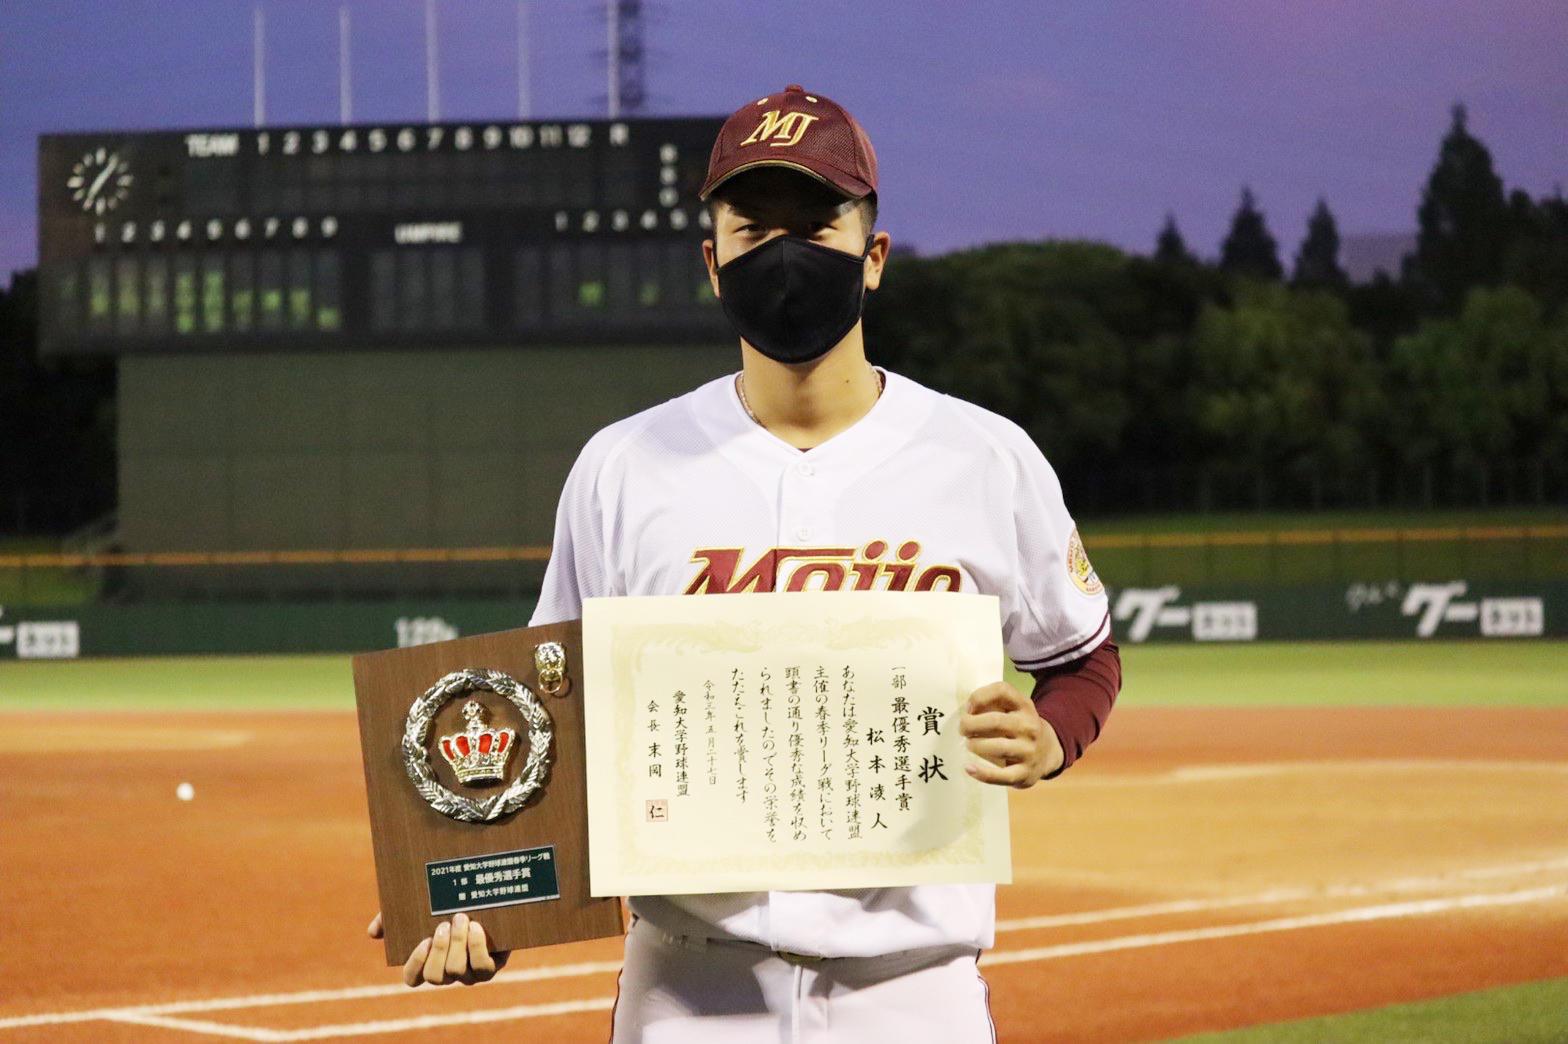 最優秀選手賞の松本投手(法学部2年)